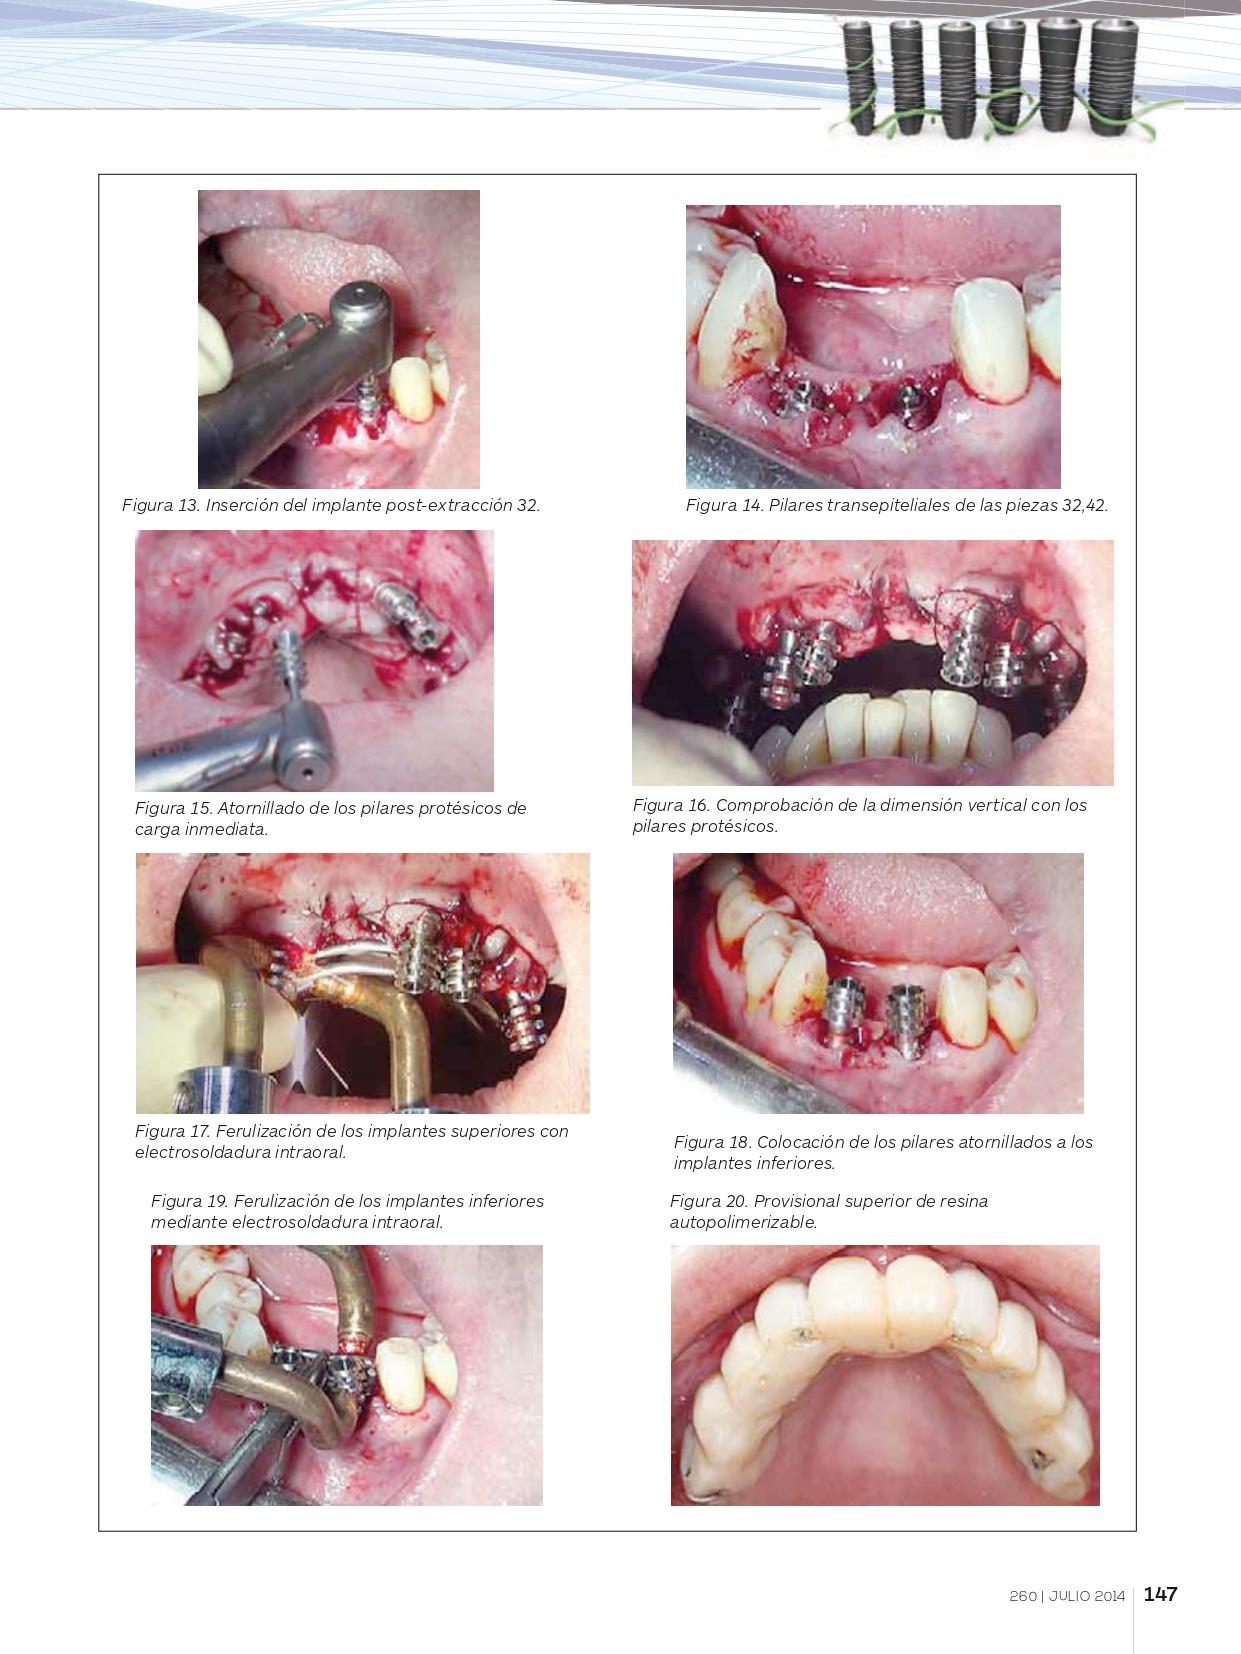 Rehabilitación-completa-maxilar-con-implantes-y-prótesis-de-carga-inmediata-con-electrosoldadura_page-0006